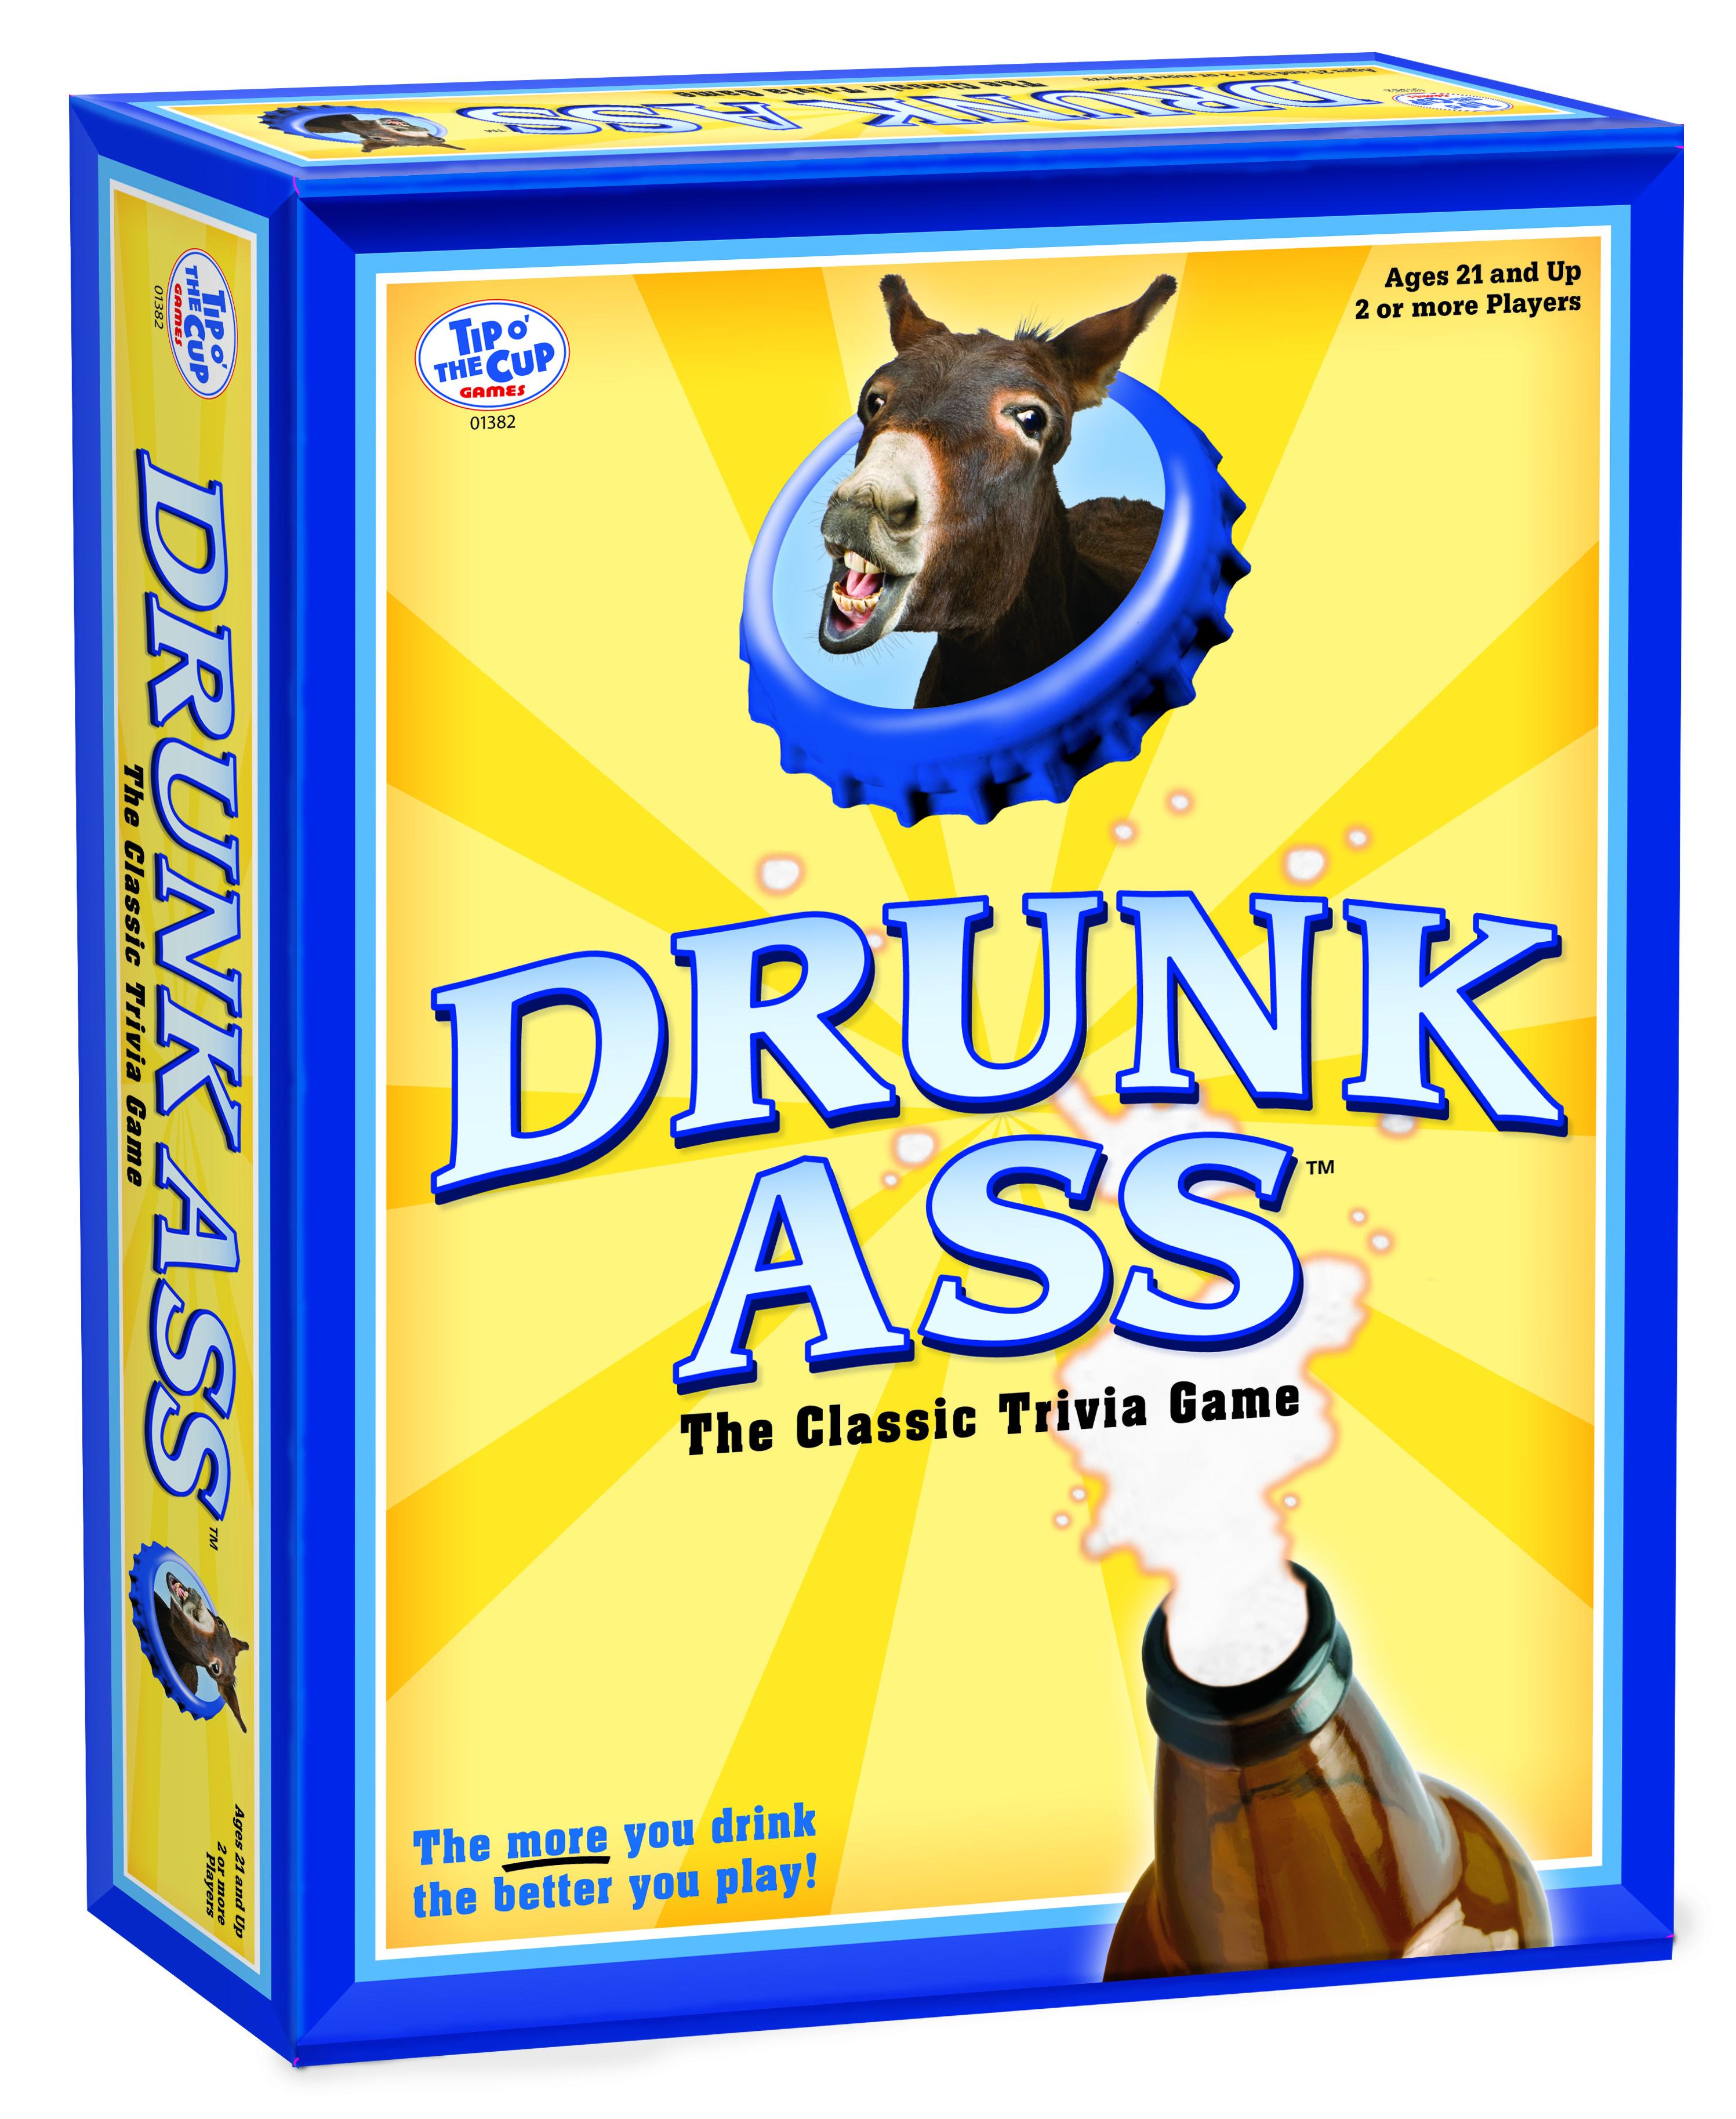 01382_DrunkAss_Pizzabox